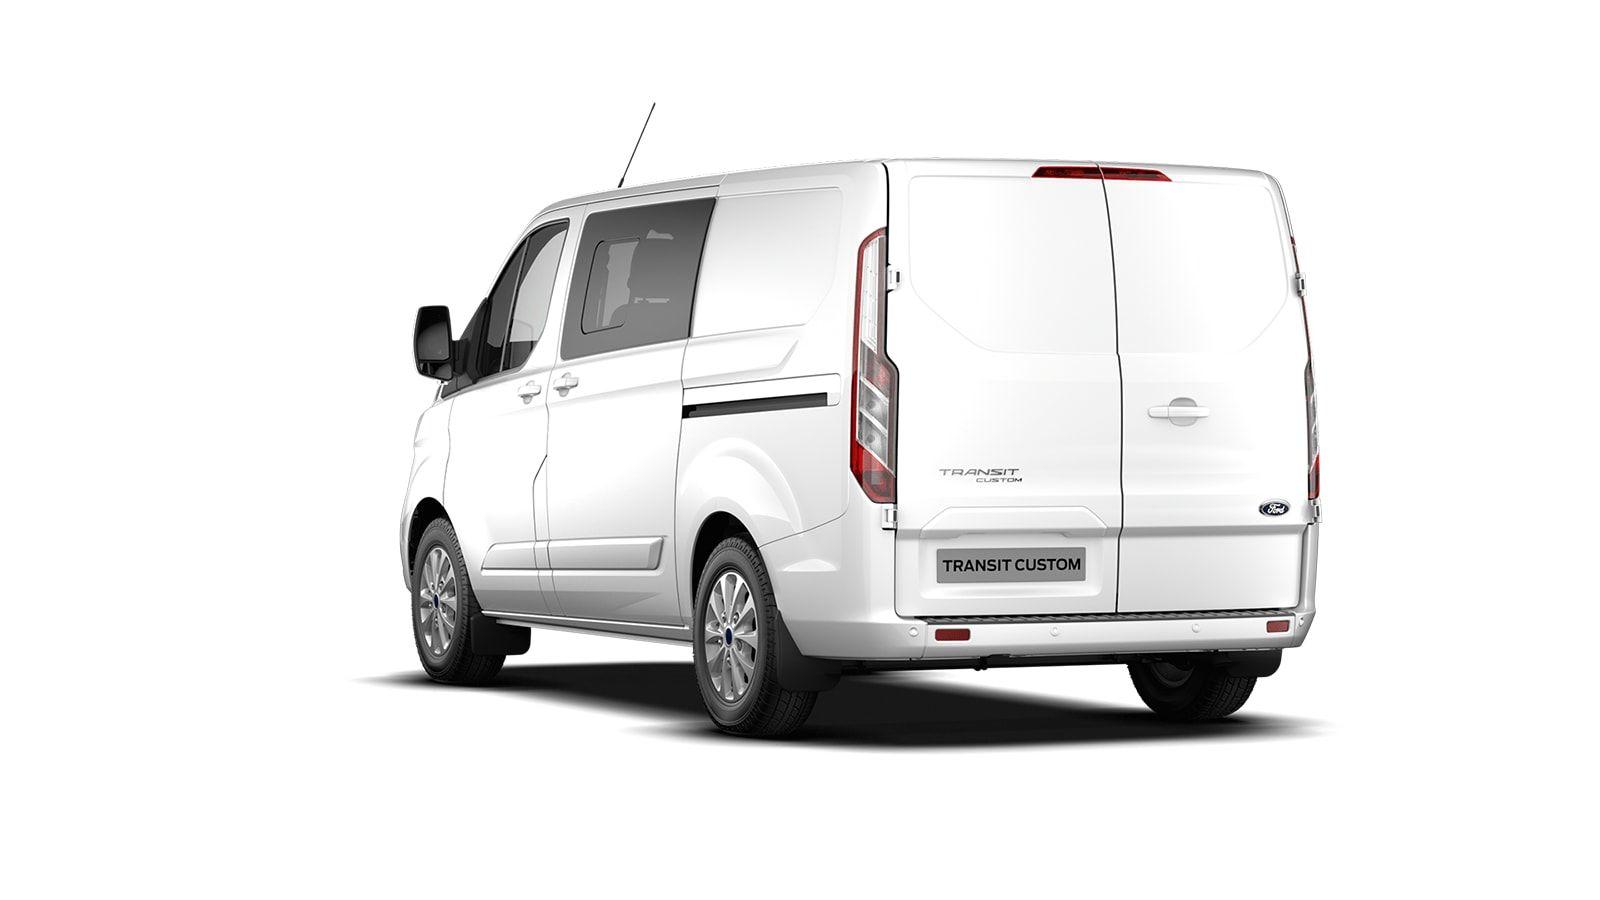 Nieuw Ford Transit custom 320L Multi use: bestelwagen met dubbele cabine L1 Limited MS BYW - niet-metaalkleur: Frozen White 2